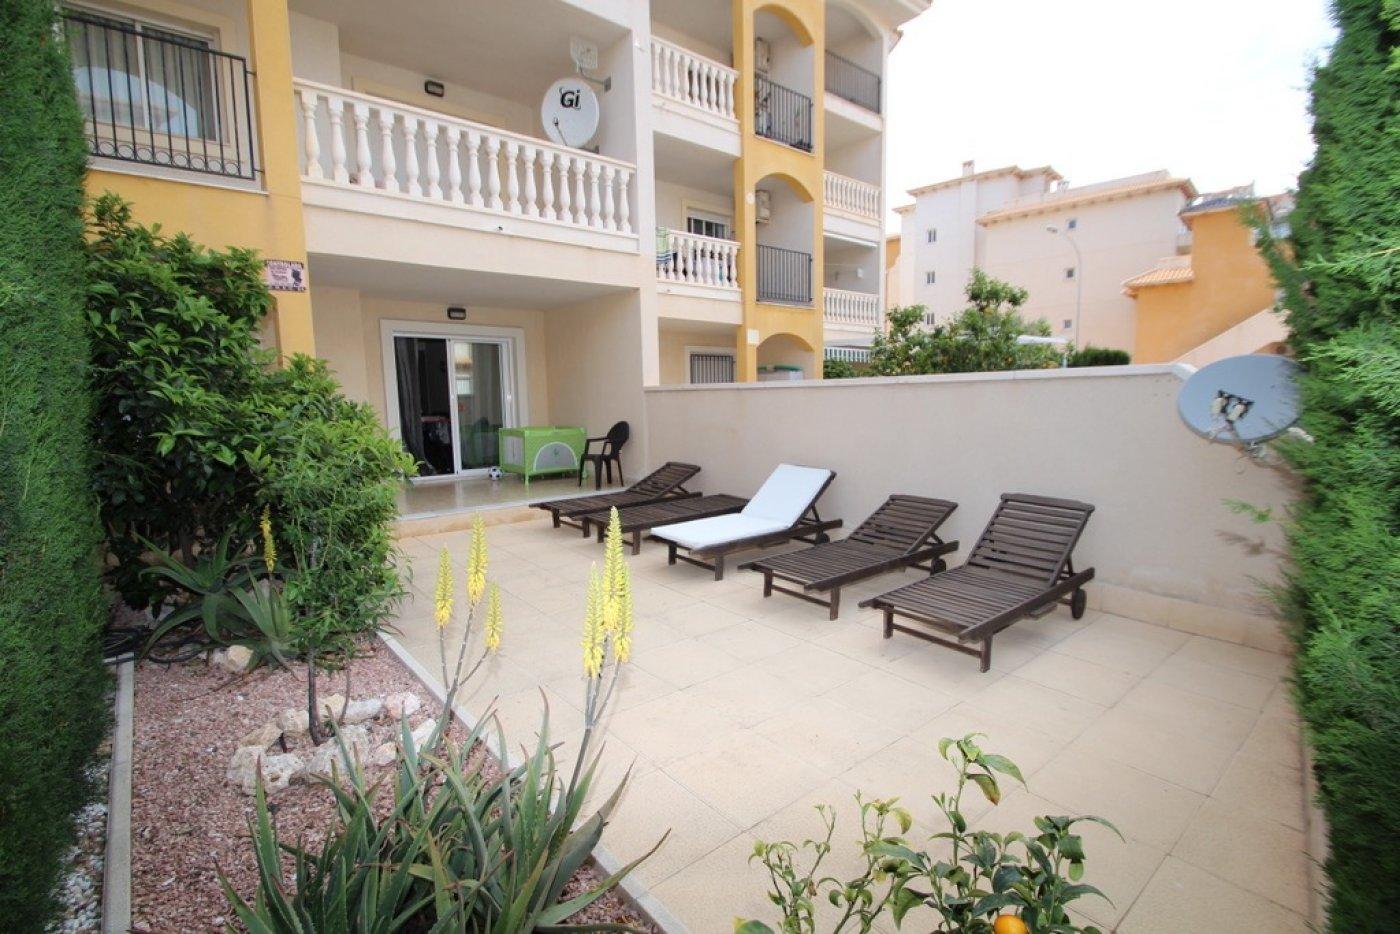 Apartmento - Reventa - Orihuela - Campoamor